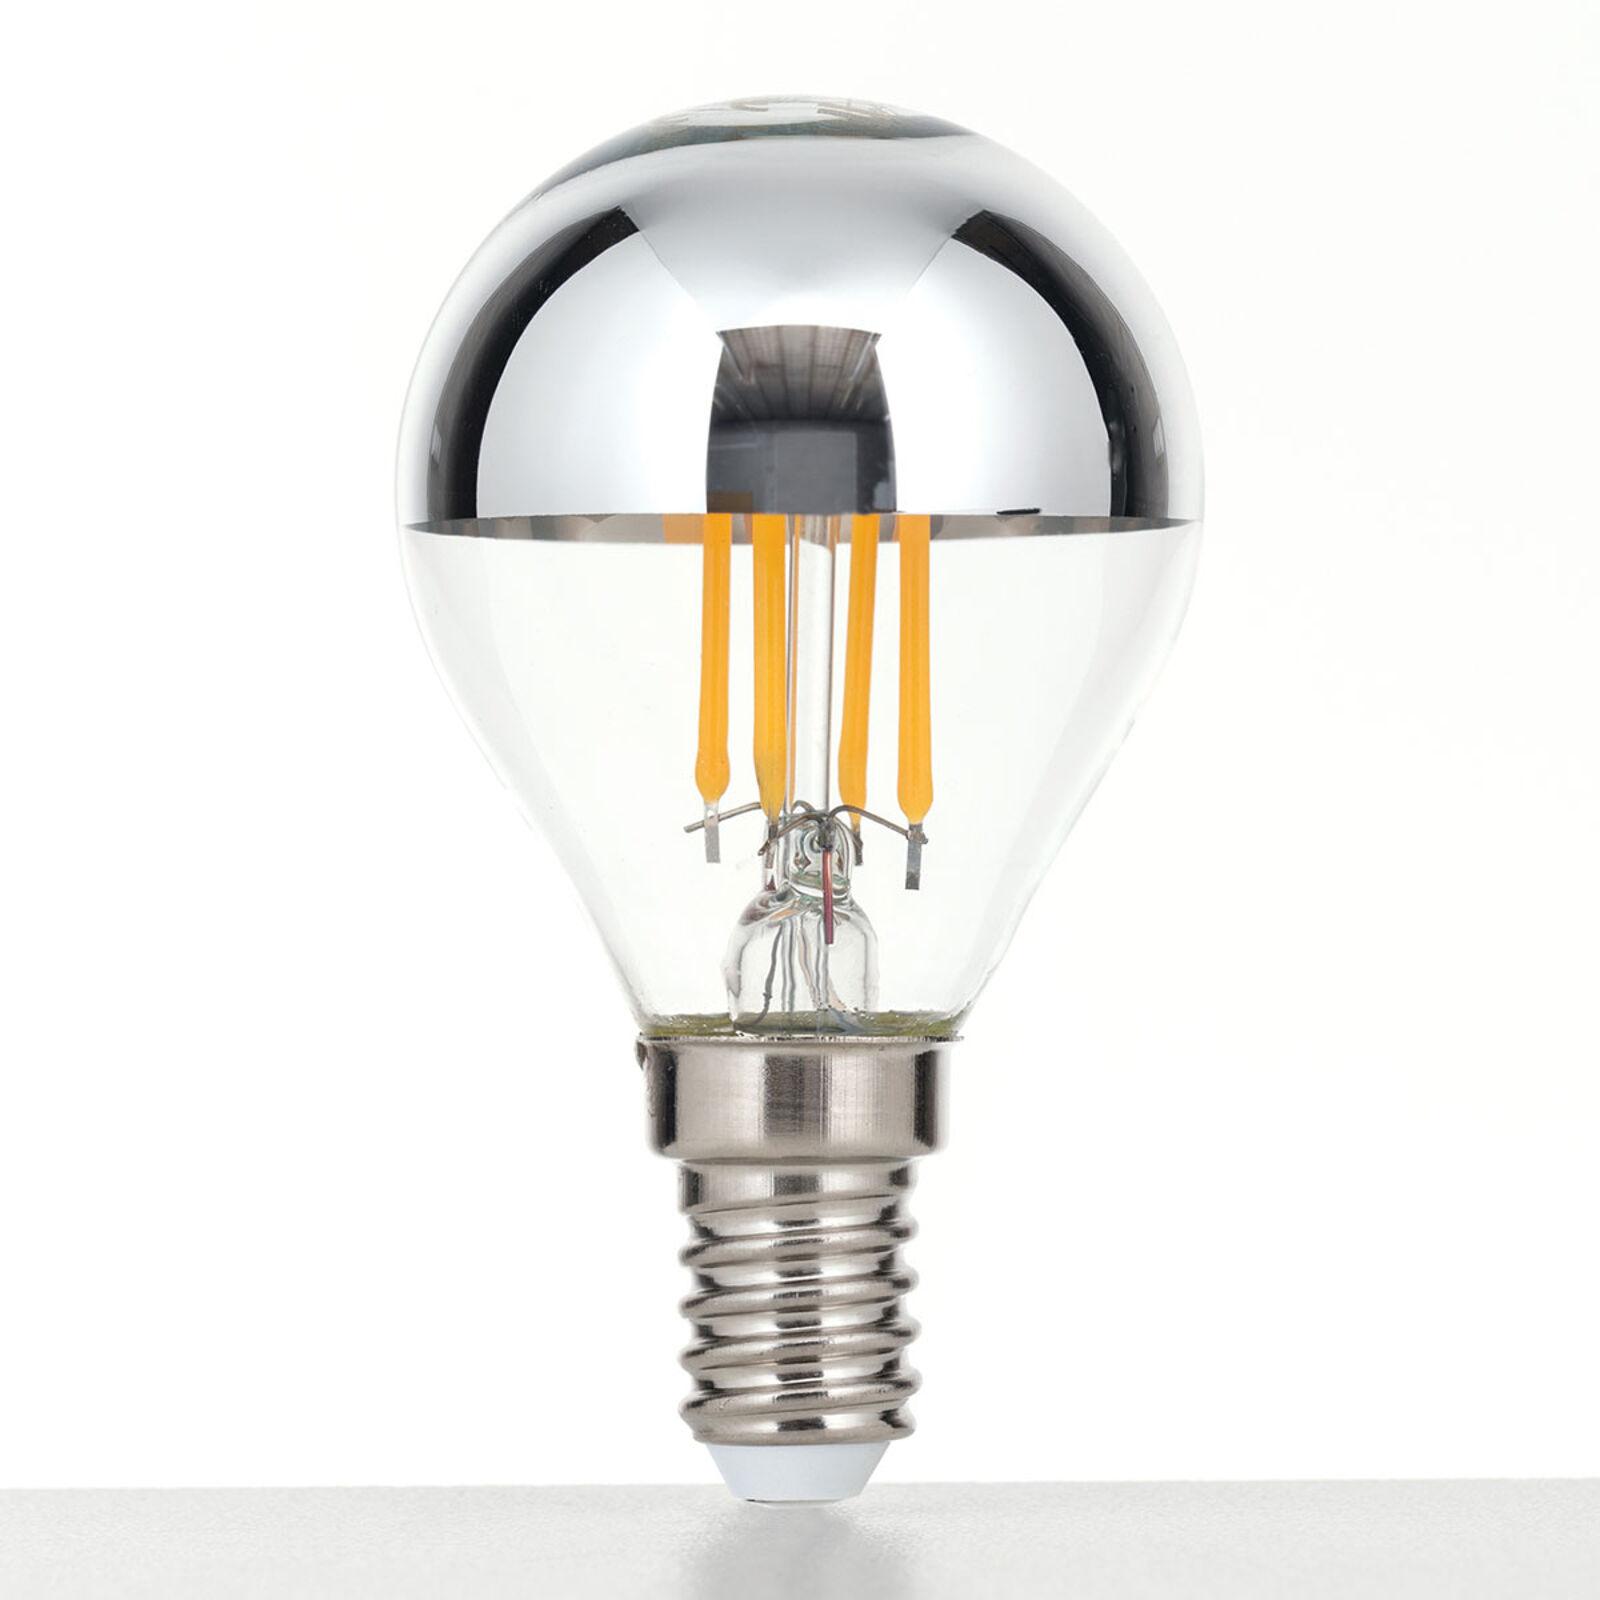 Orion LED-toppförseglad lampa E14 4W, varmvit, dimbar